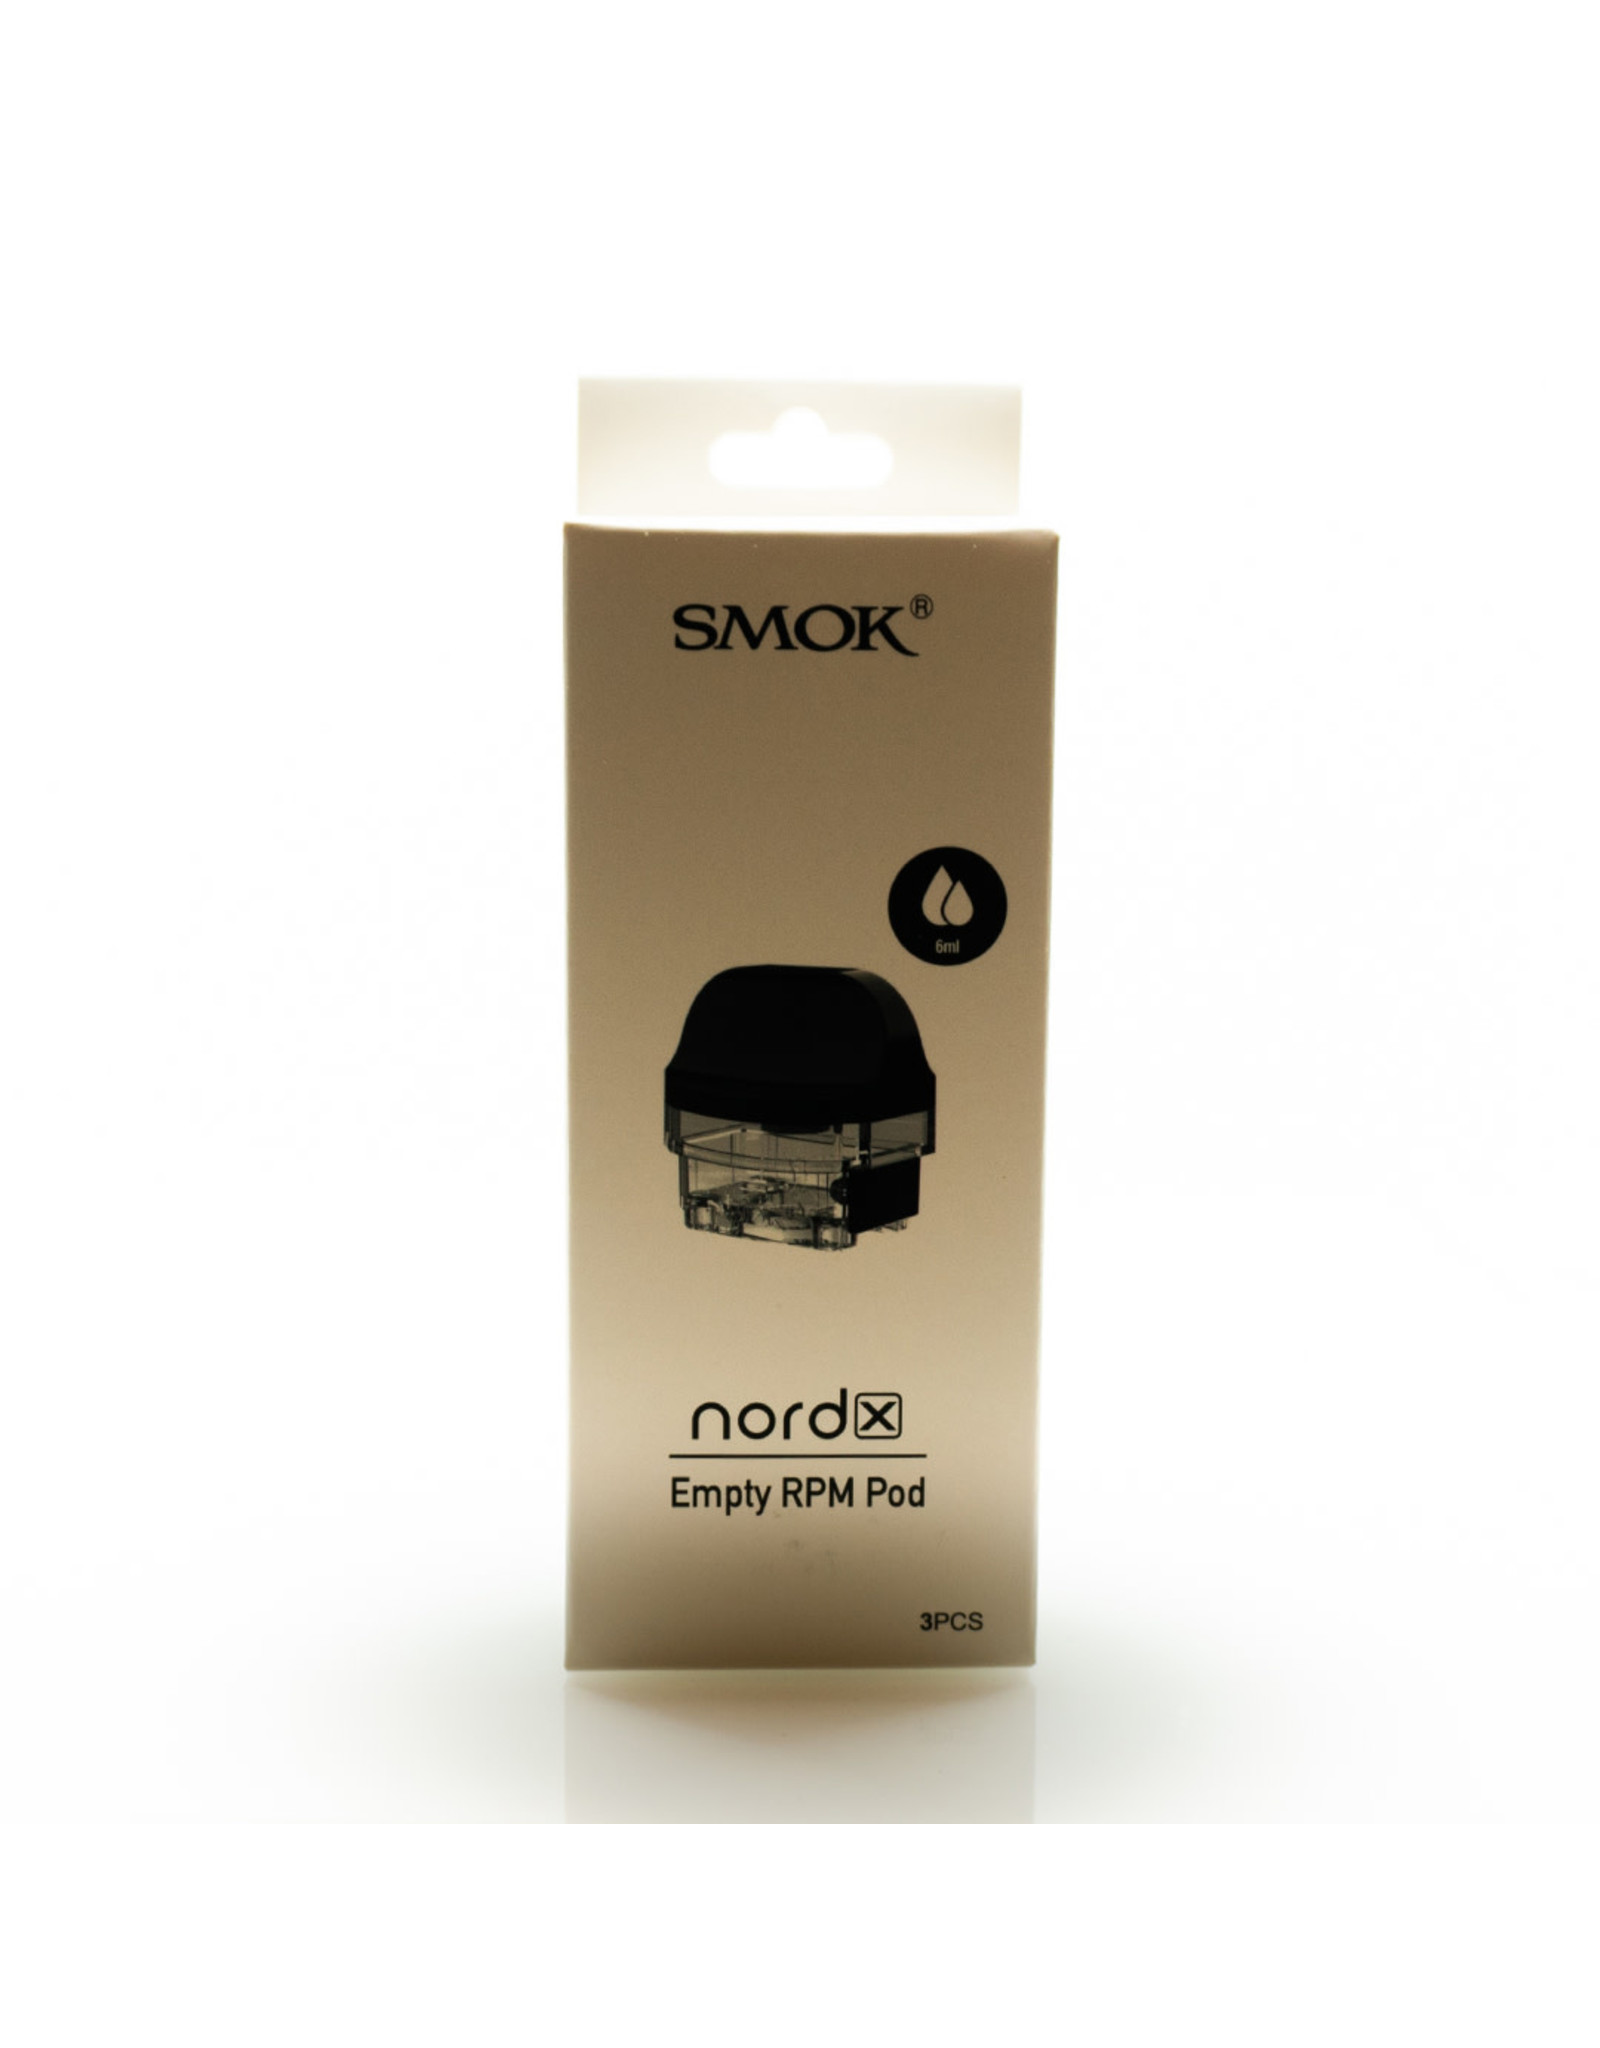 SMOK SMOK: Nord X Pod-